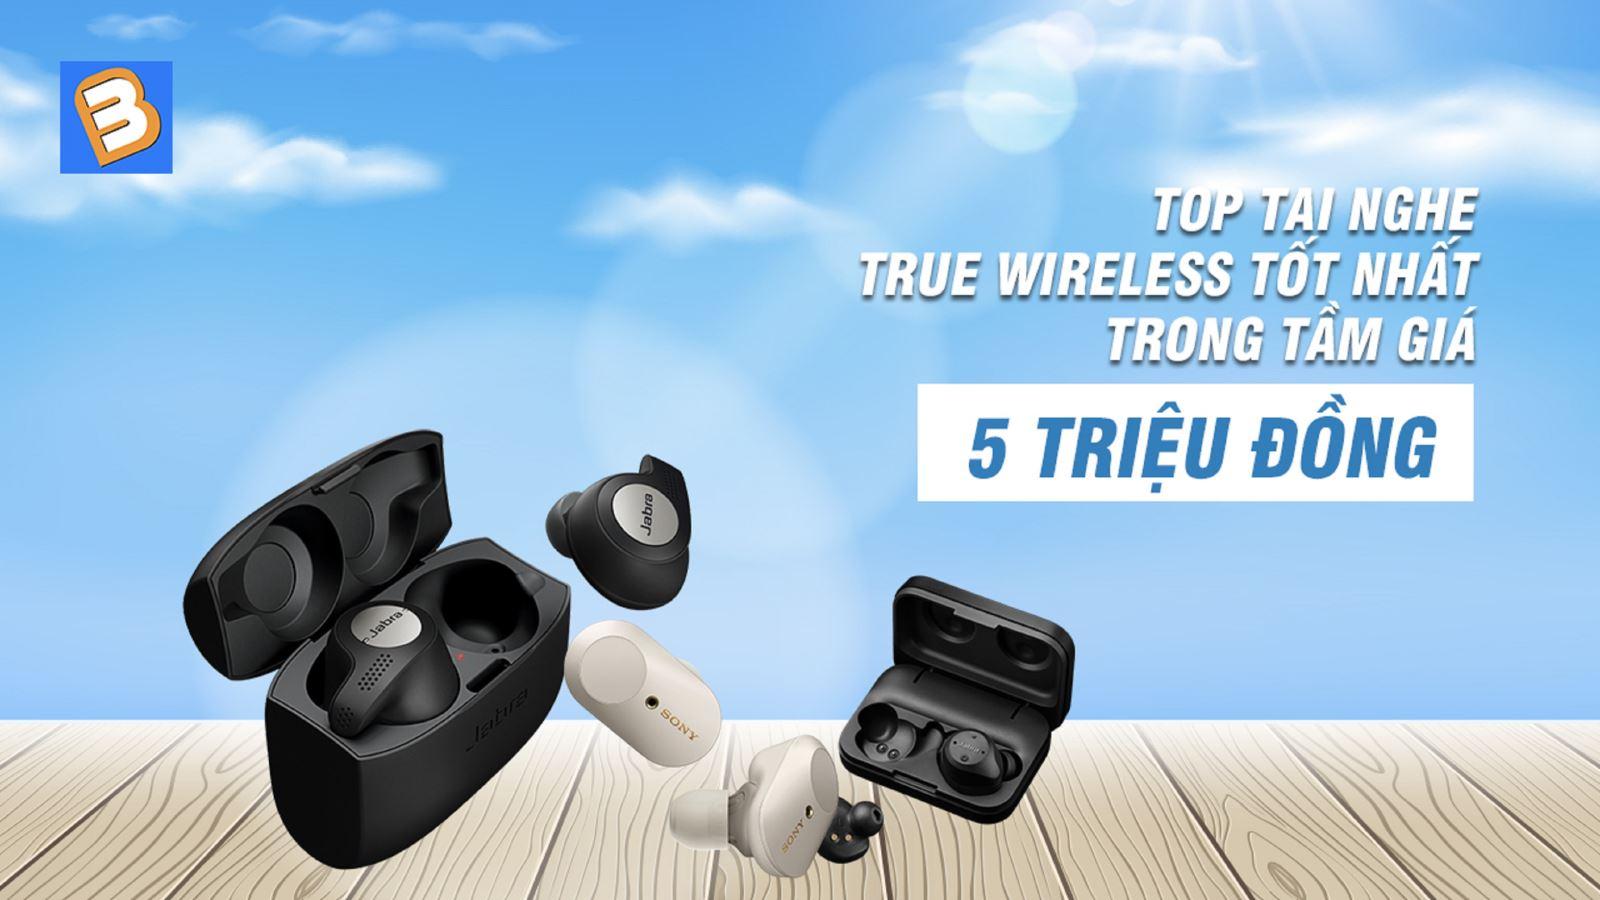 Top tai nghetrue wireless tốt nhất trong tầm giá 5 triệu đồng